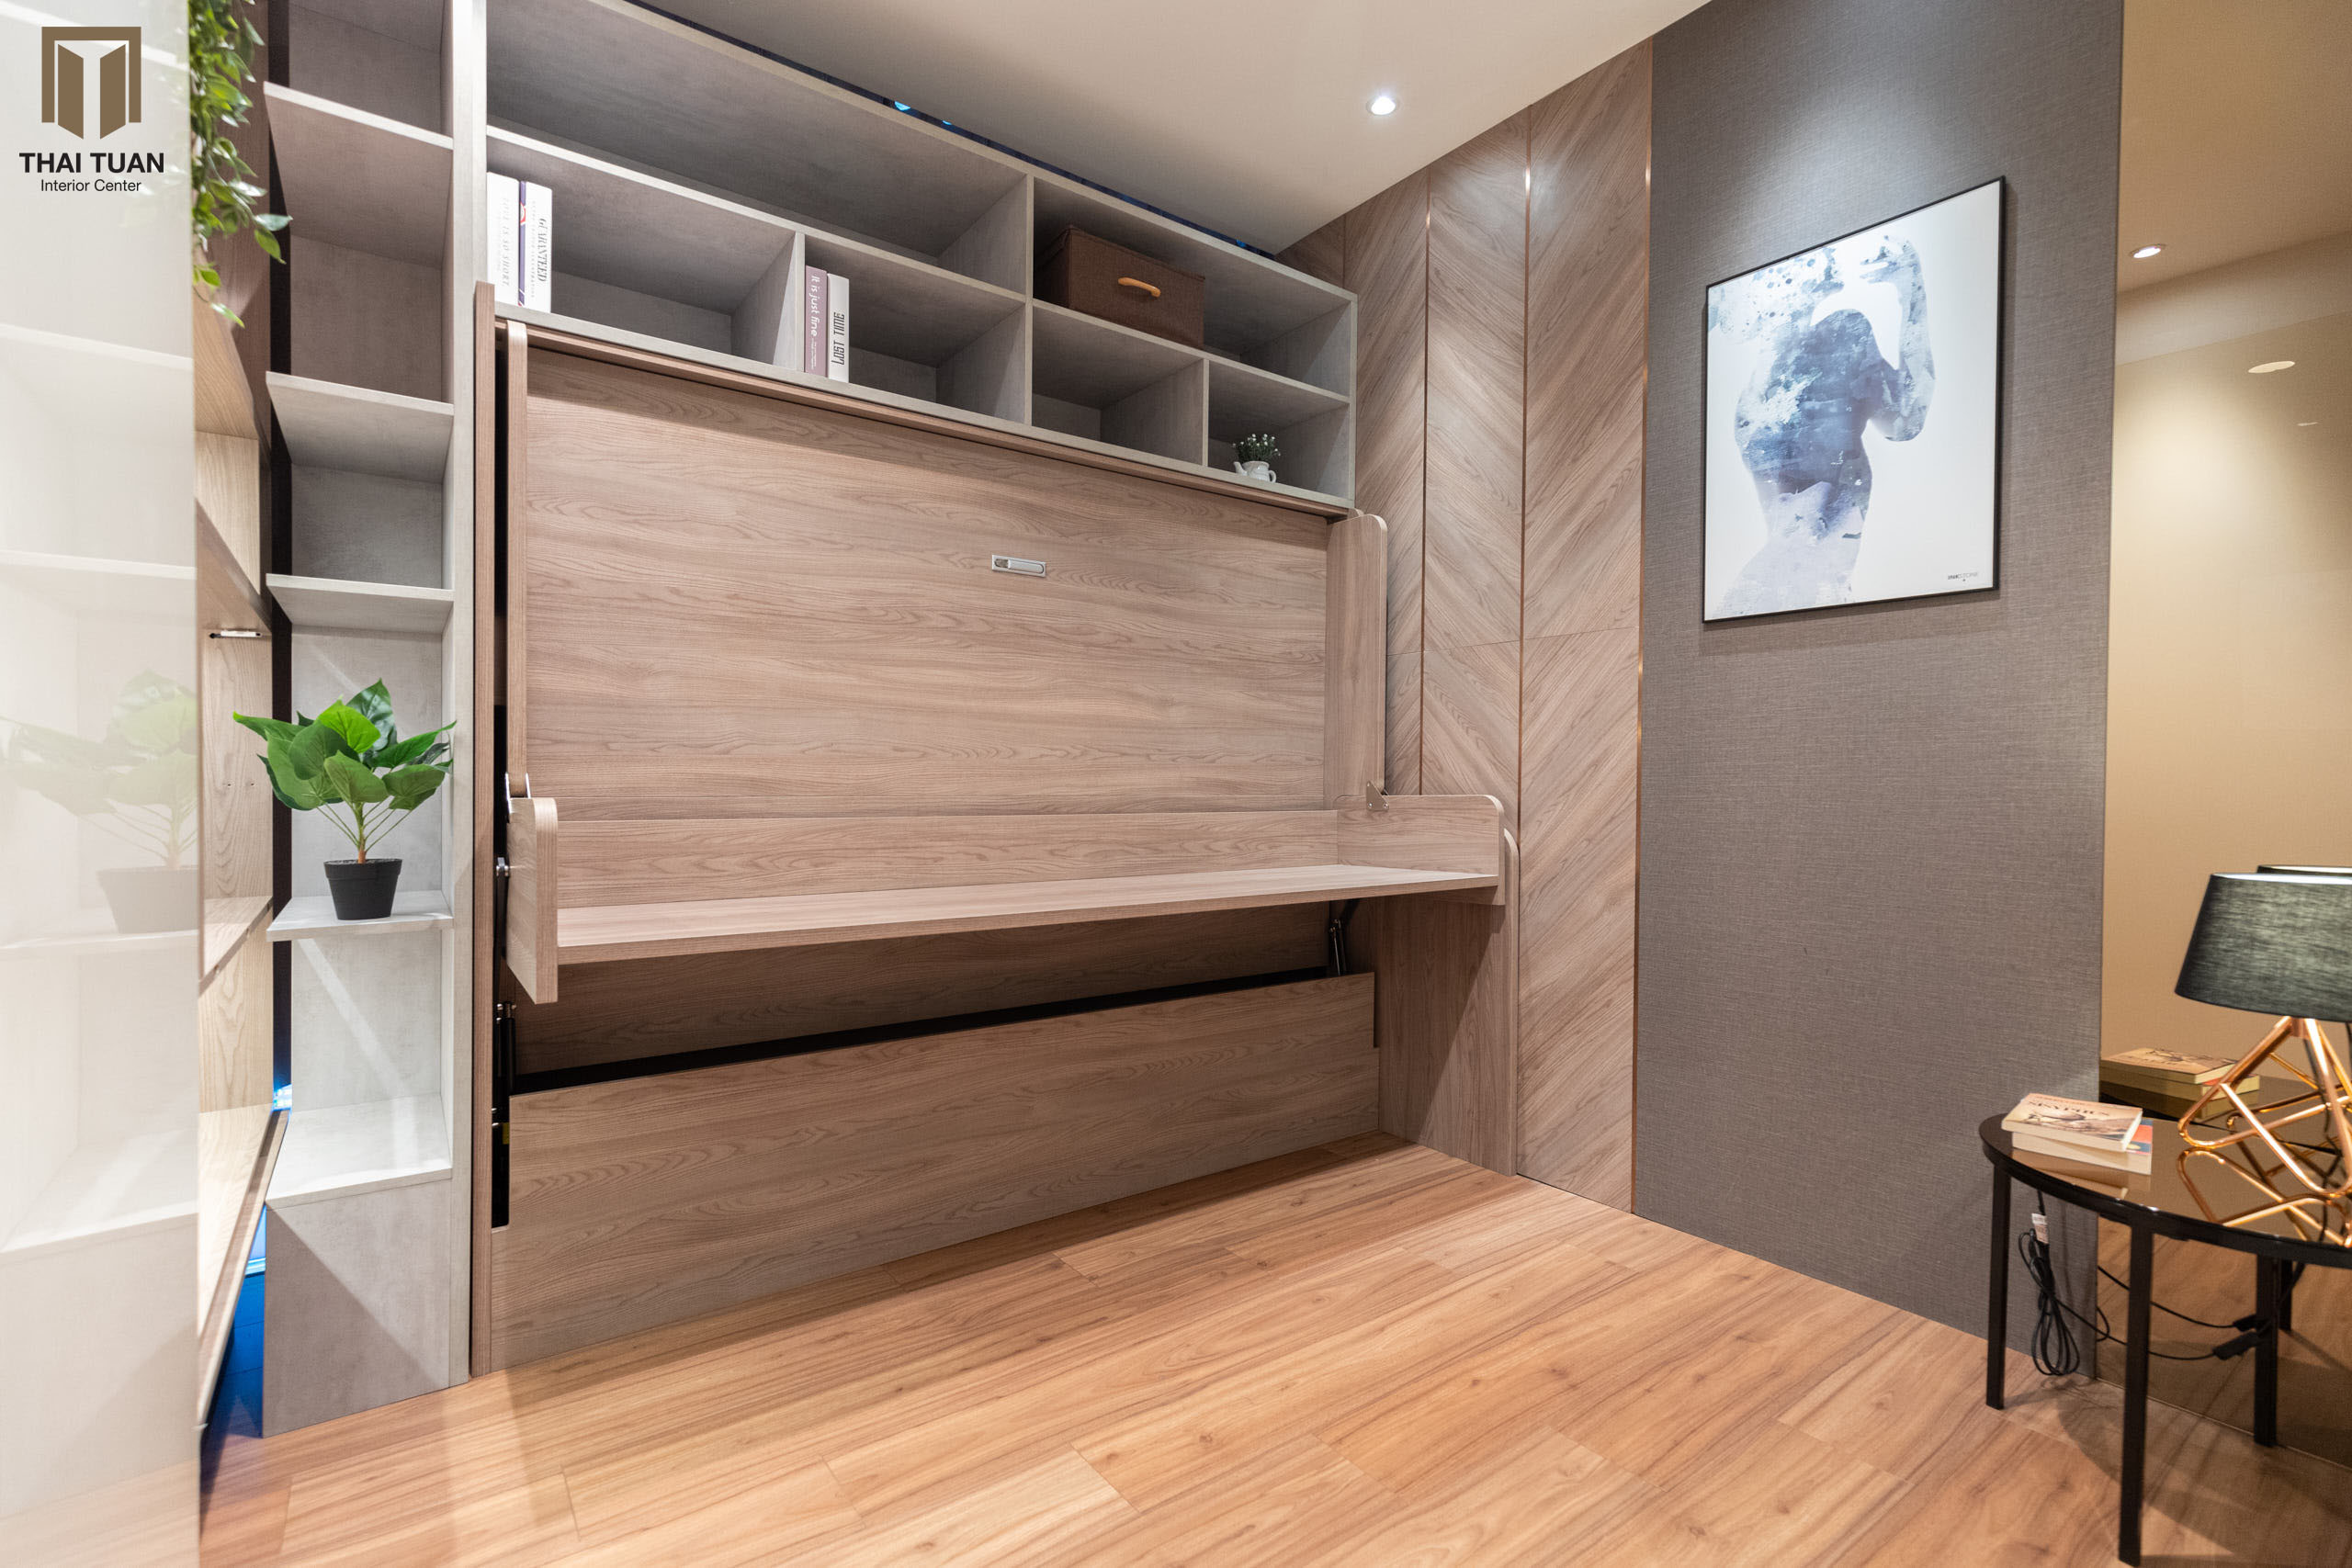 Giường ngủ kết hợp với kệ đồ là phụ kiện thông minh có thể đóng mở khi cần thiết, tối ưu hóa diện tích